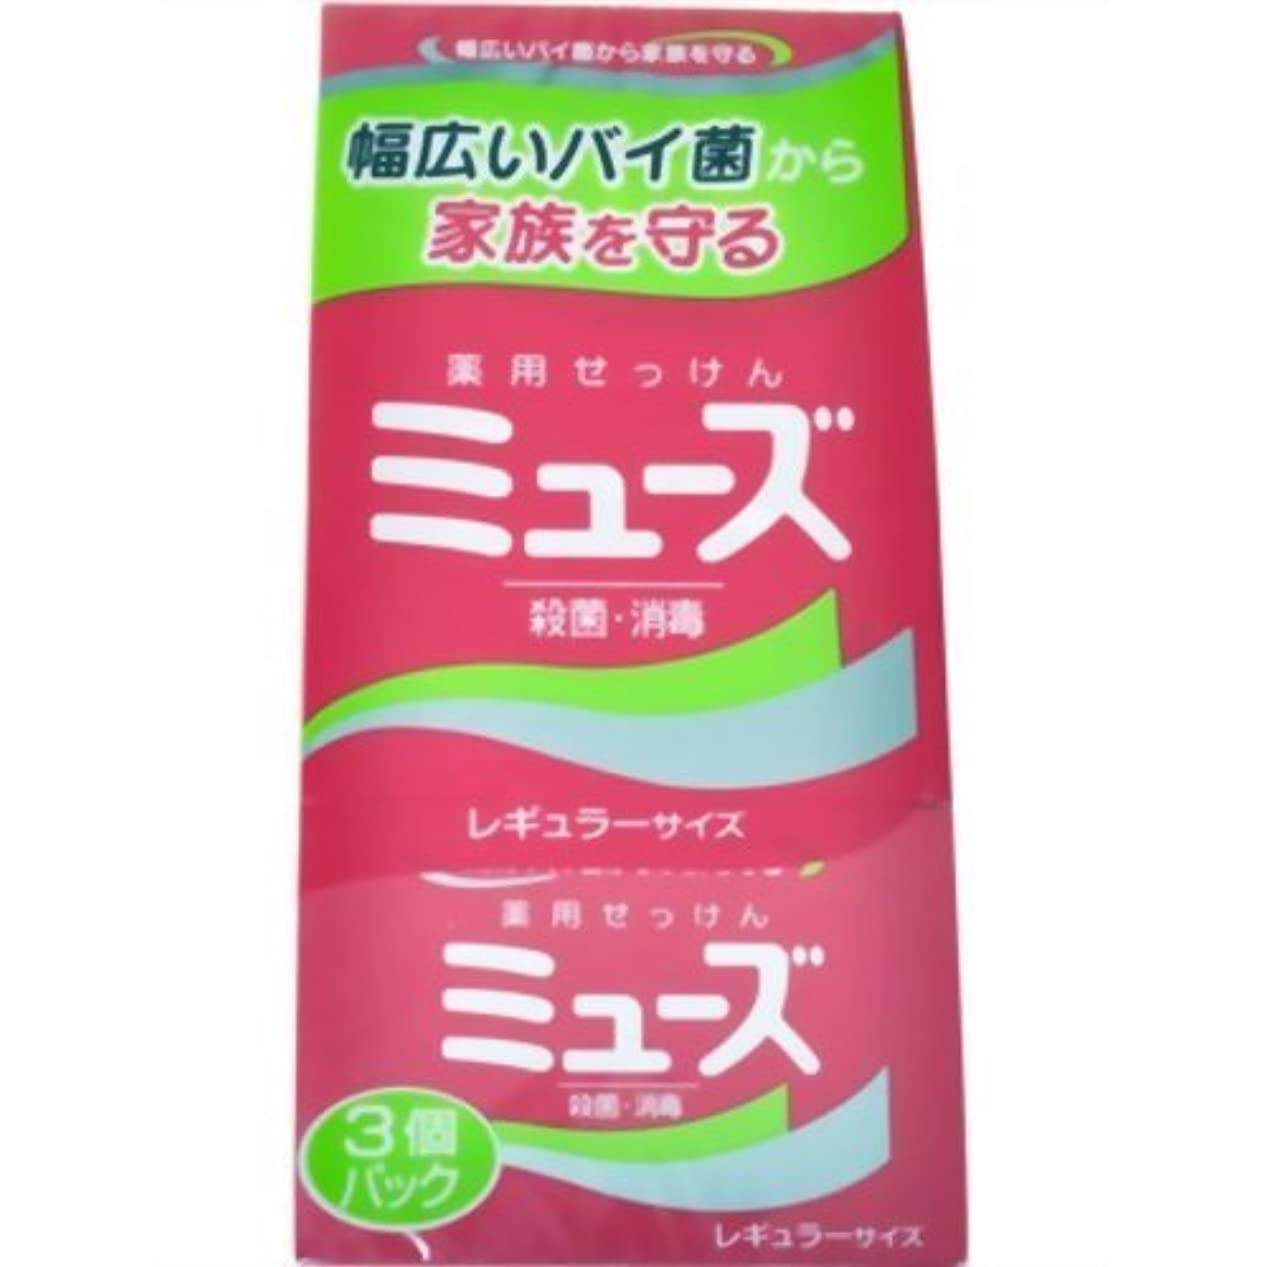 ミューズ石鹸 レギュラー 3P ×10個セット